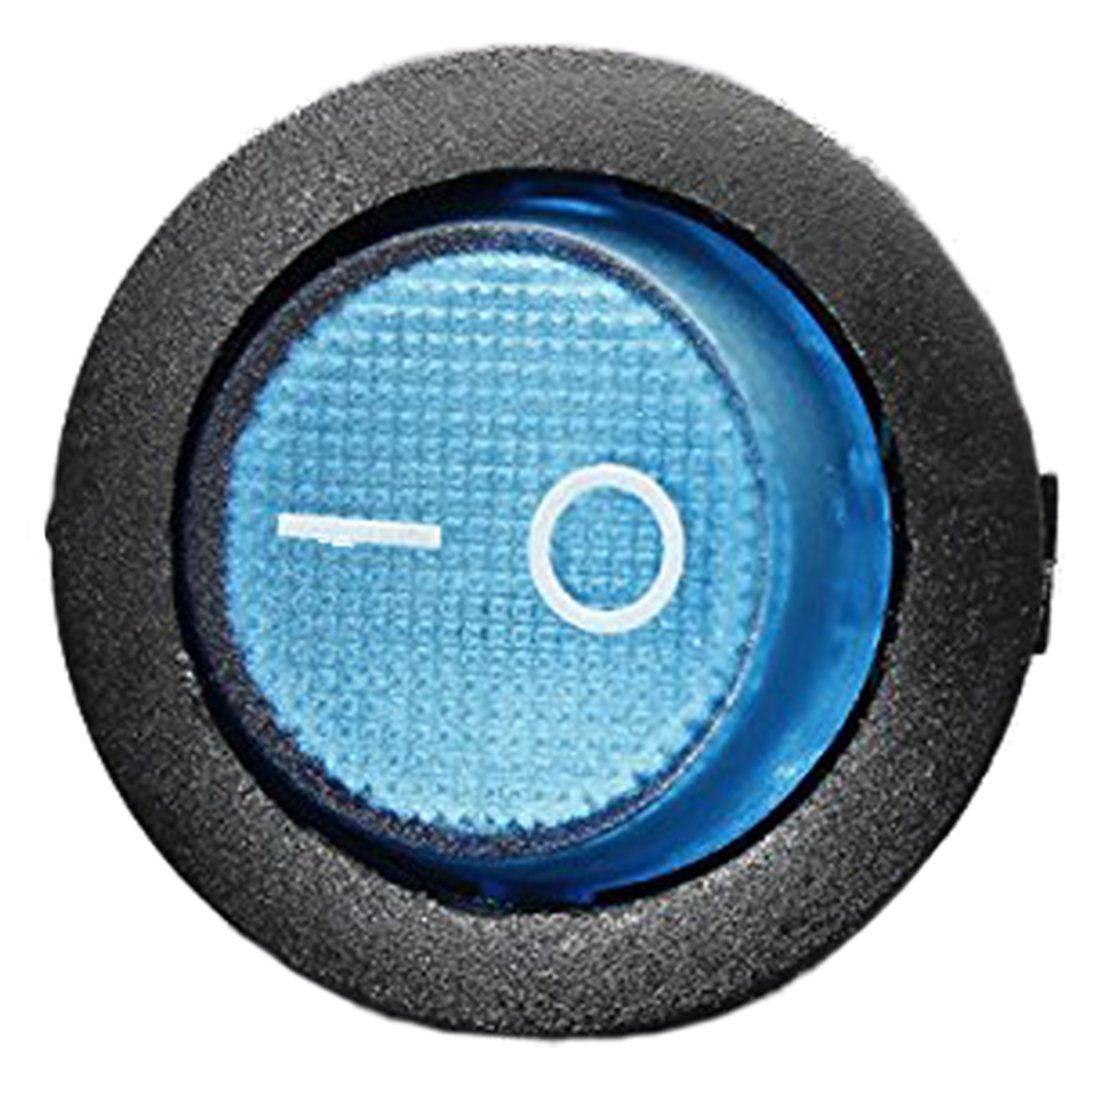 Voiture Bateau Rocker Switch SODIAL Rouge 12V 16A LED Interrupteur a Bascule Bipolaire ON//OFF SPST pour Auto Moto Bateau R